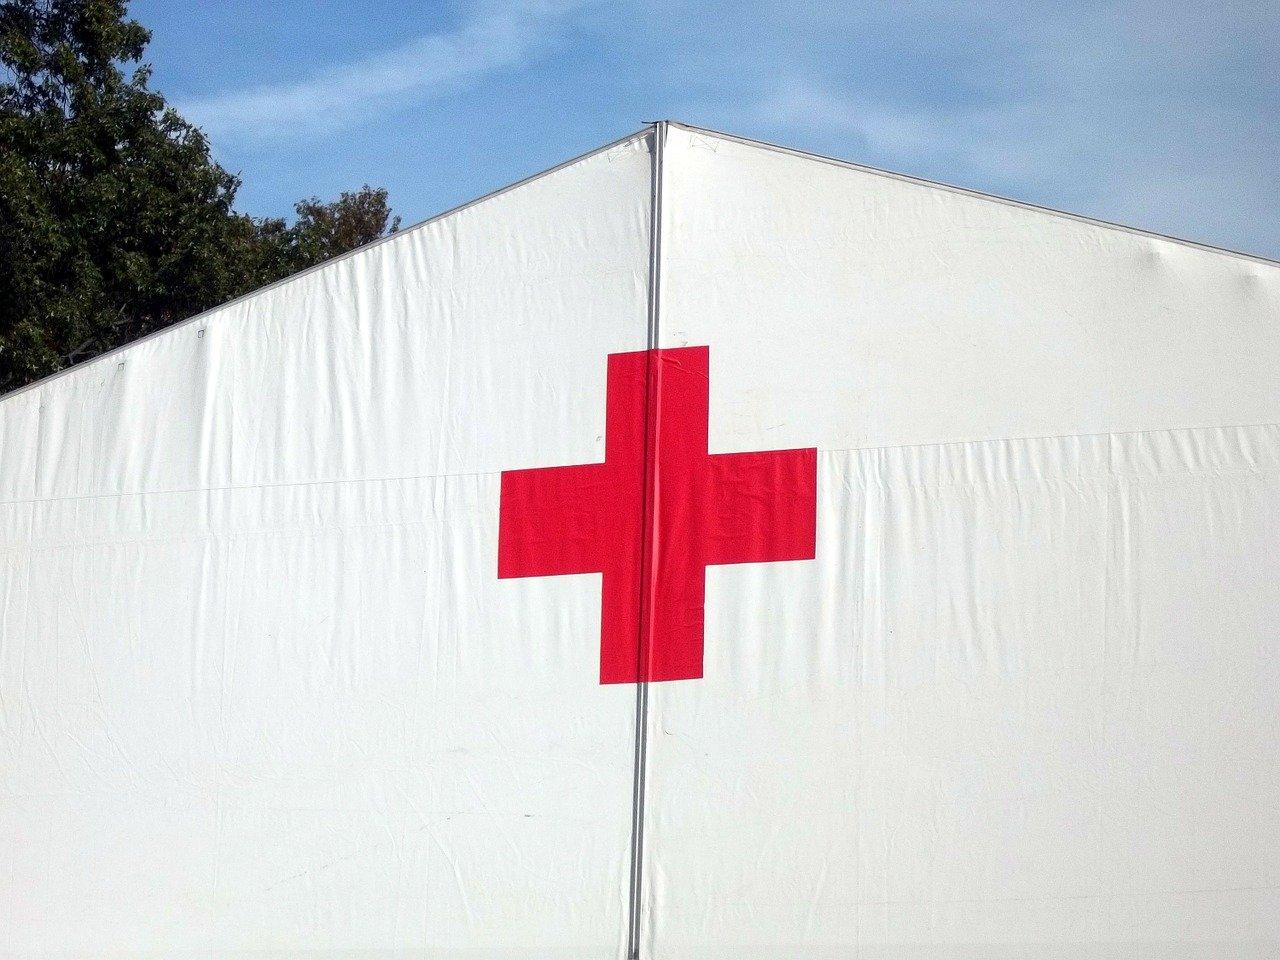 Grecki krzyż – znak państwa i organizacji